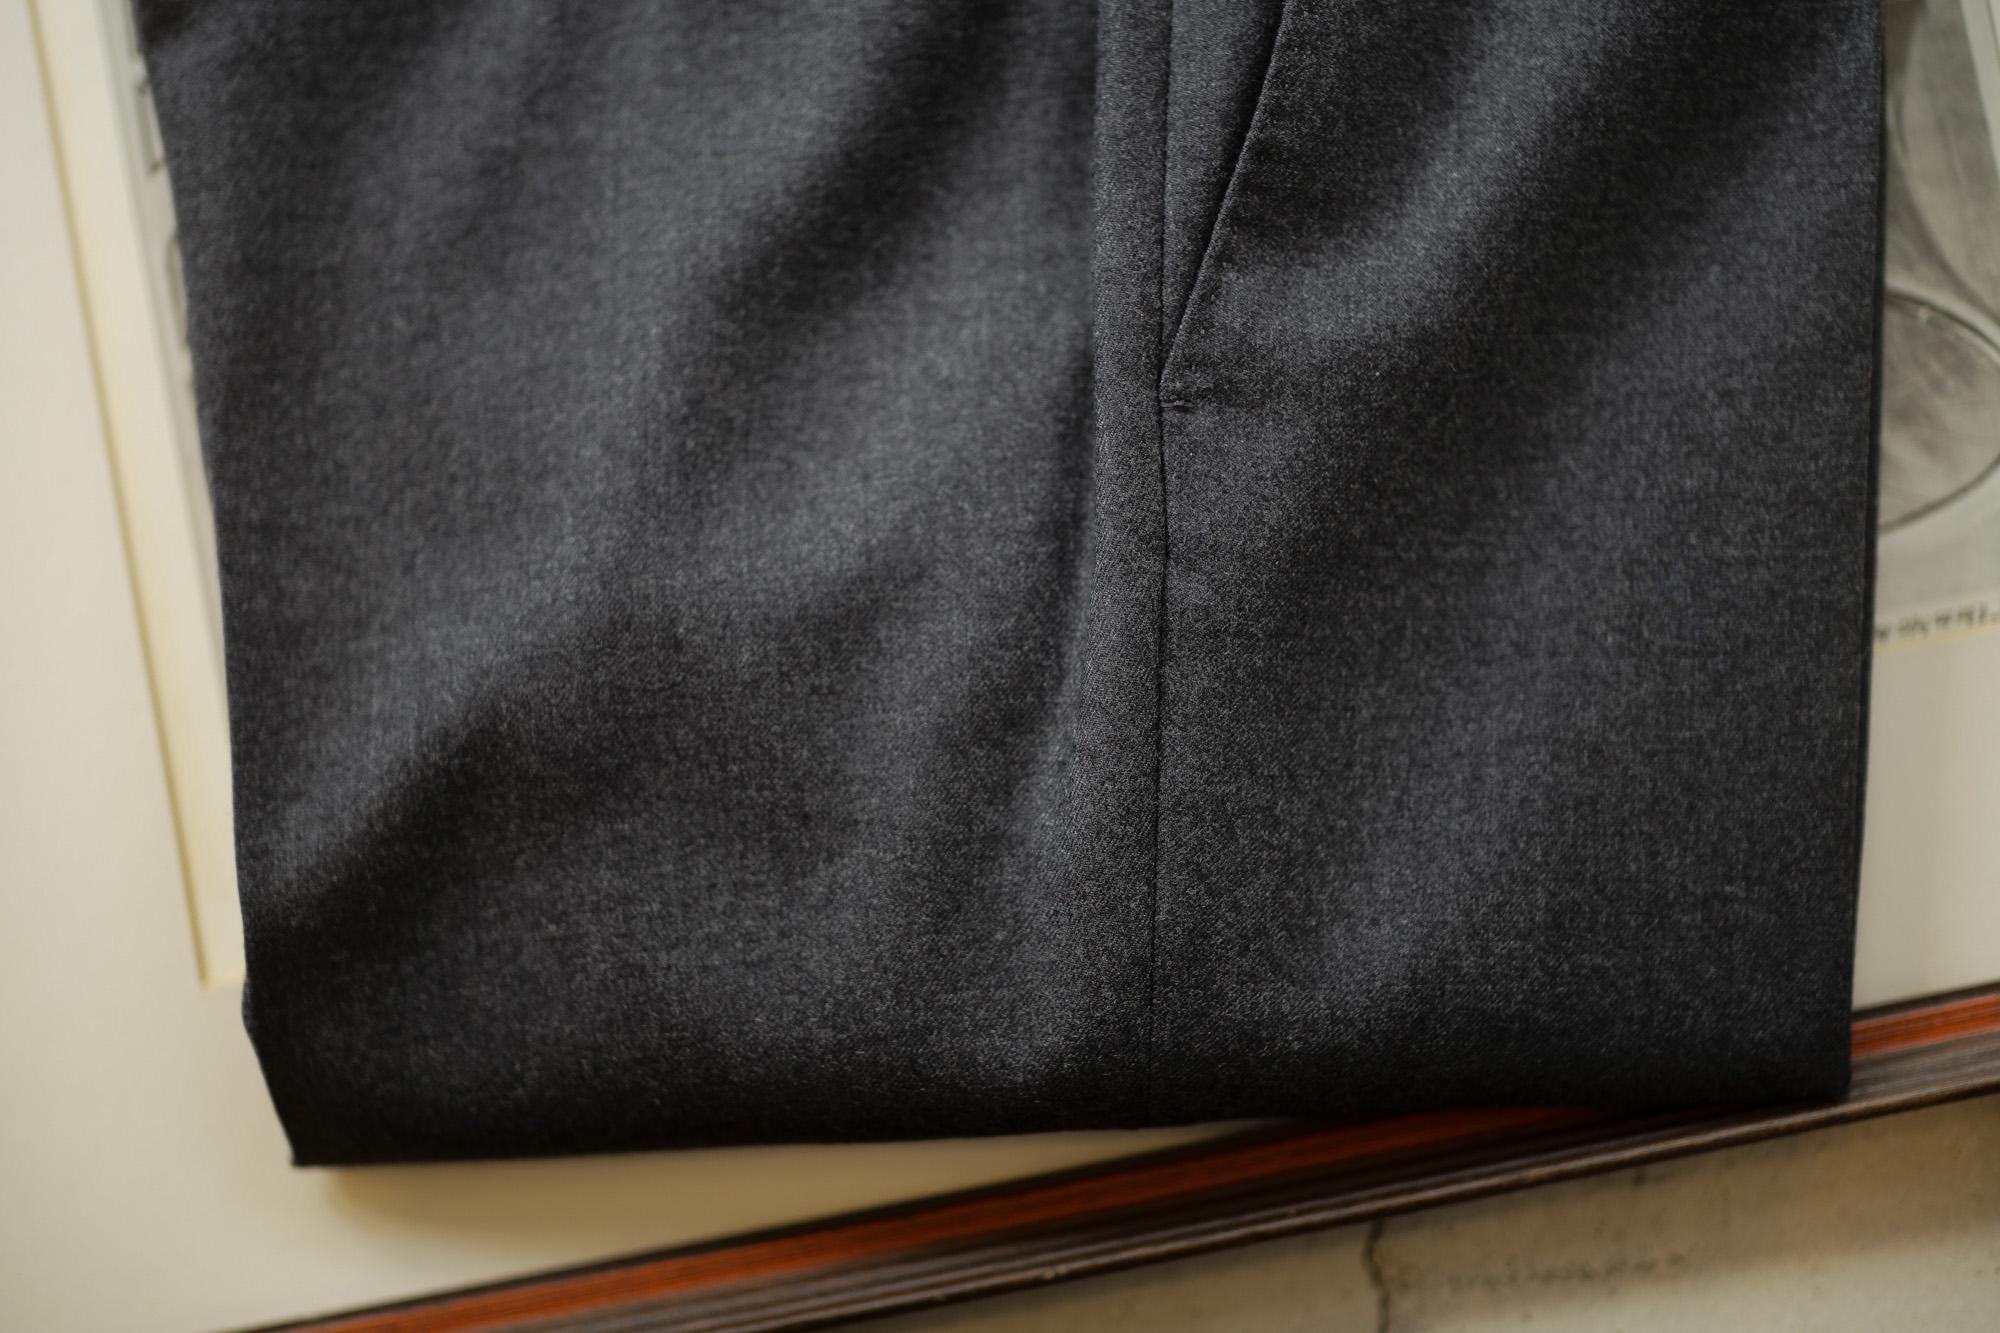 INCOTEX (インコテックス) N35 SLIM FIT (1NT035) S120'S HIGH COMFORT FLANNEL ストレッチ フランネル ウール スラックス CHARCOAL GRAY (チャコールグレー・920) 2018 秋冬新作 incotex 愛知 名古屋 altoediritto アルトエデリット グレスラ スラックス